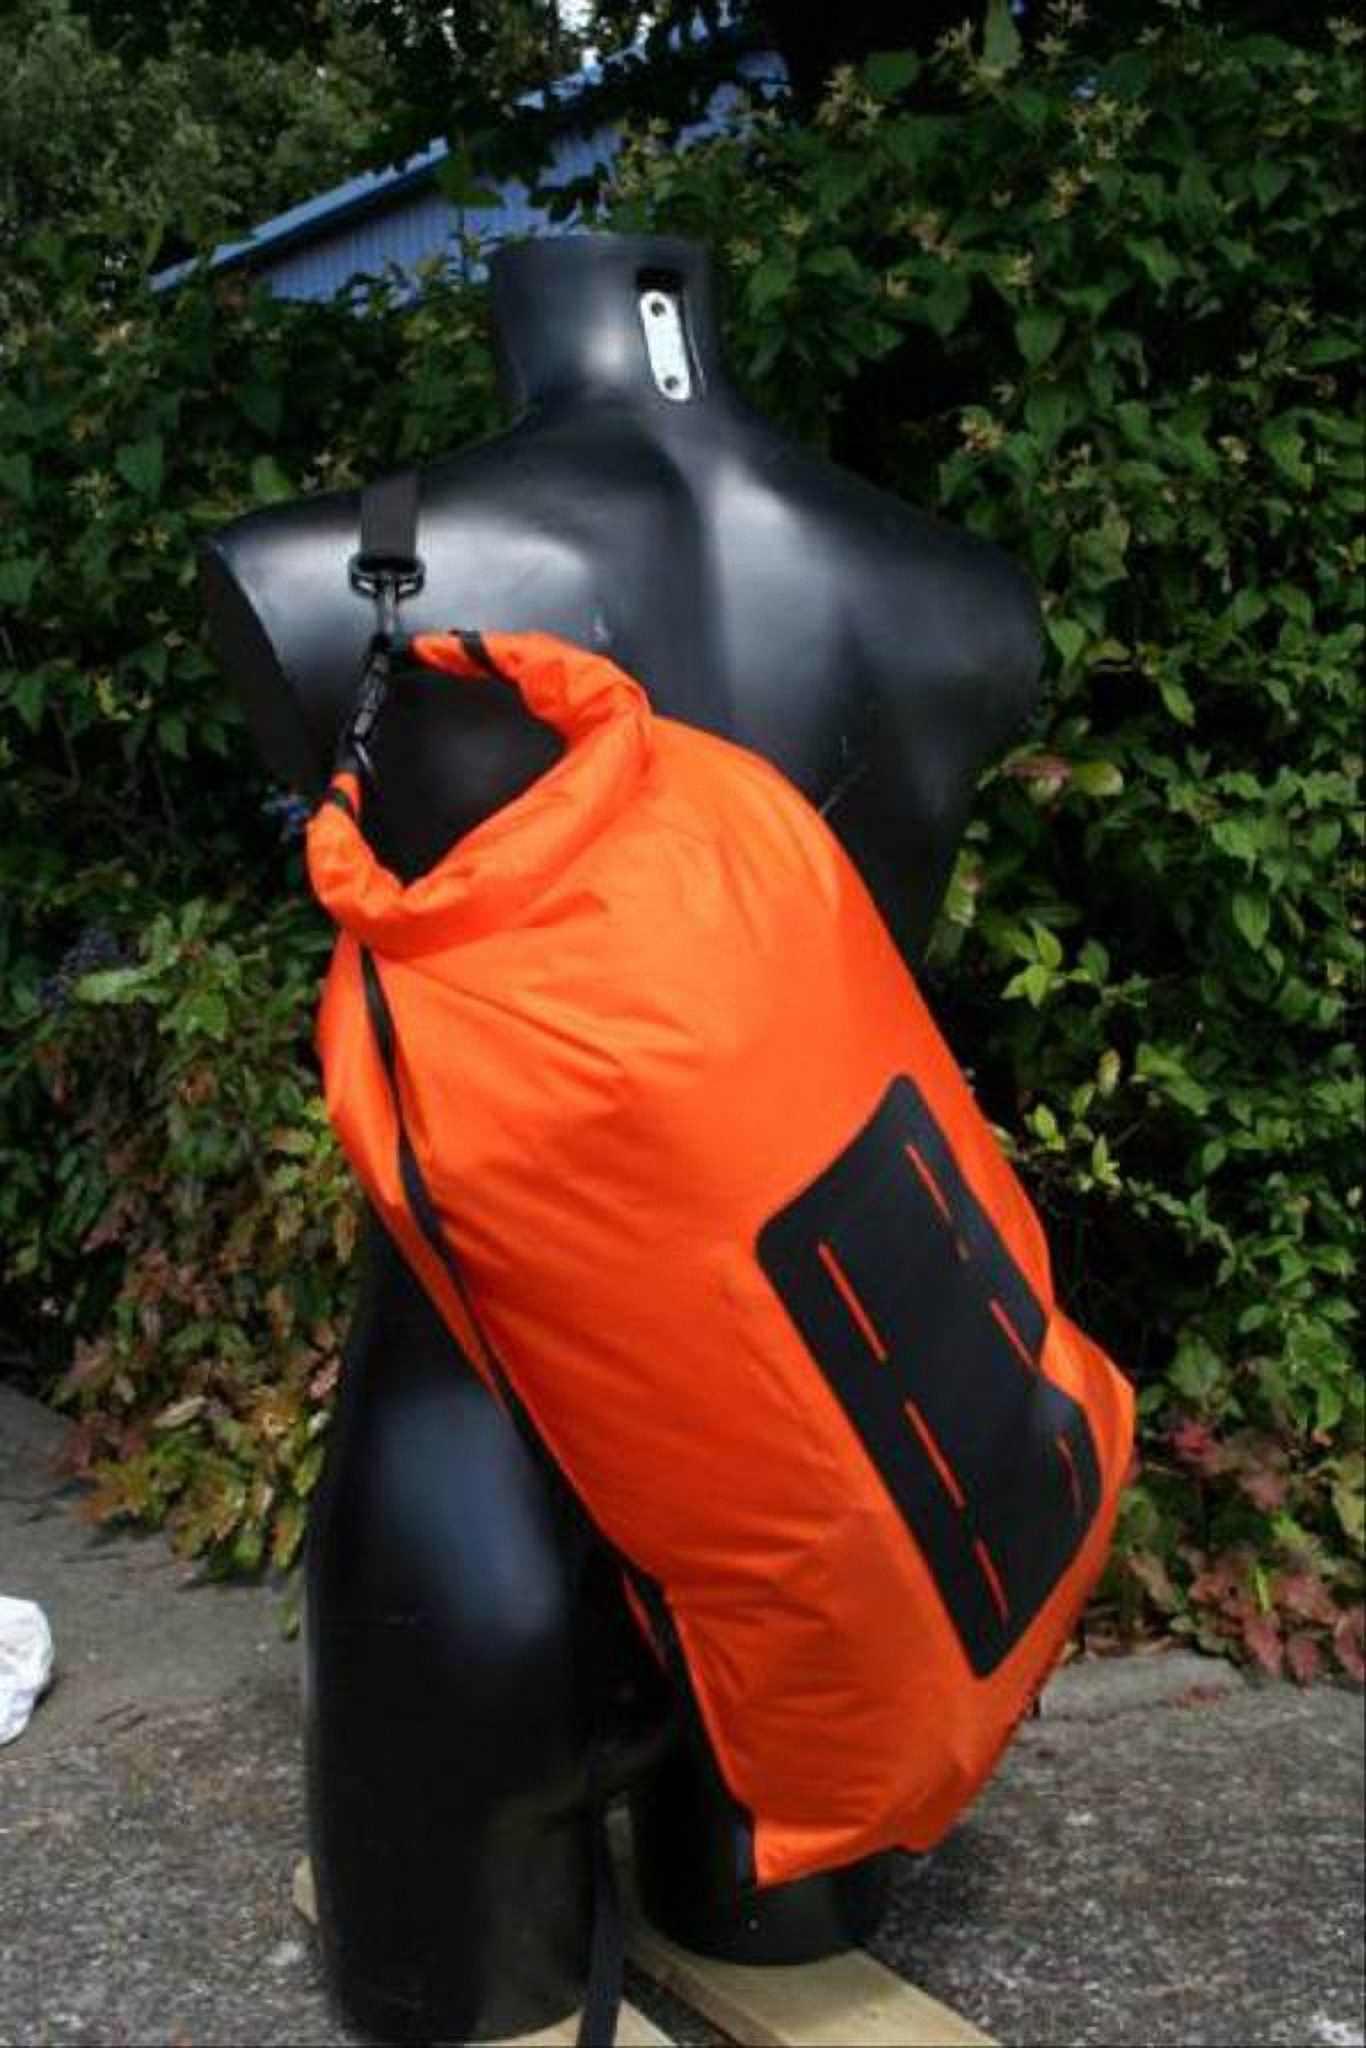 Водонепроницаемый гермомешок-рюкзак (с двумя плечевыми ремнями) Aquapac 771 - Noatak Wet & Drybag - 25L.. Aquapac - №1 в мире водонепроницаемых чехлов и сумок. Фото 6